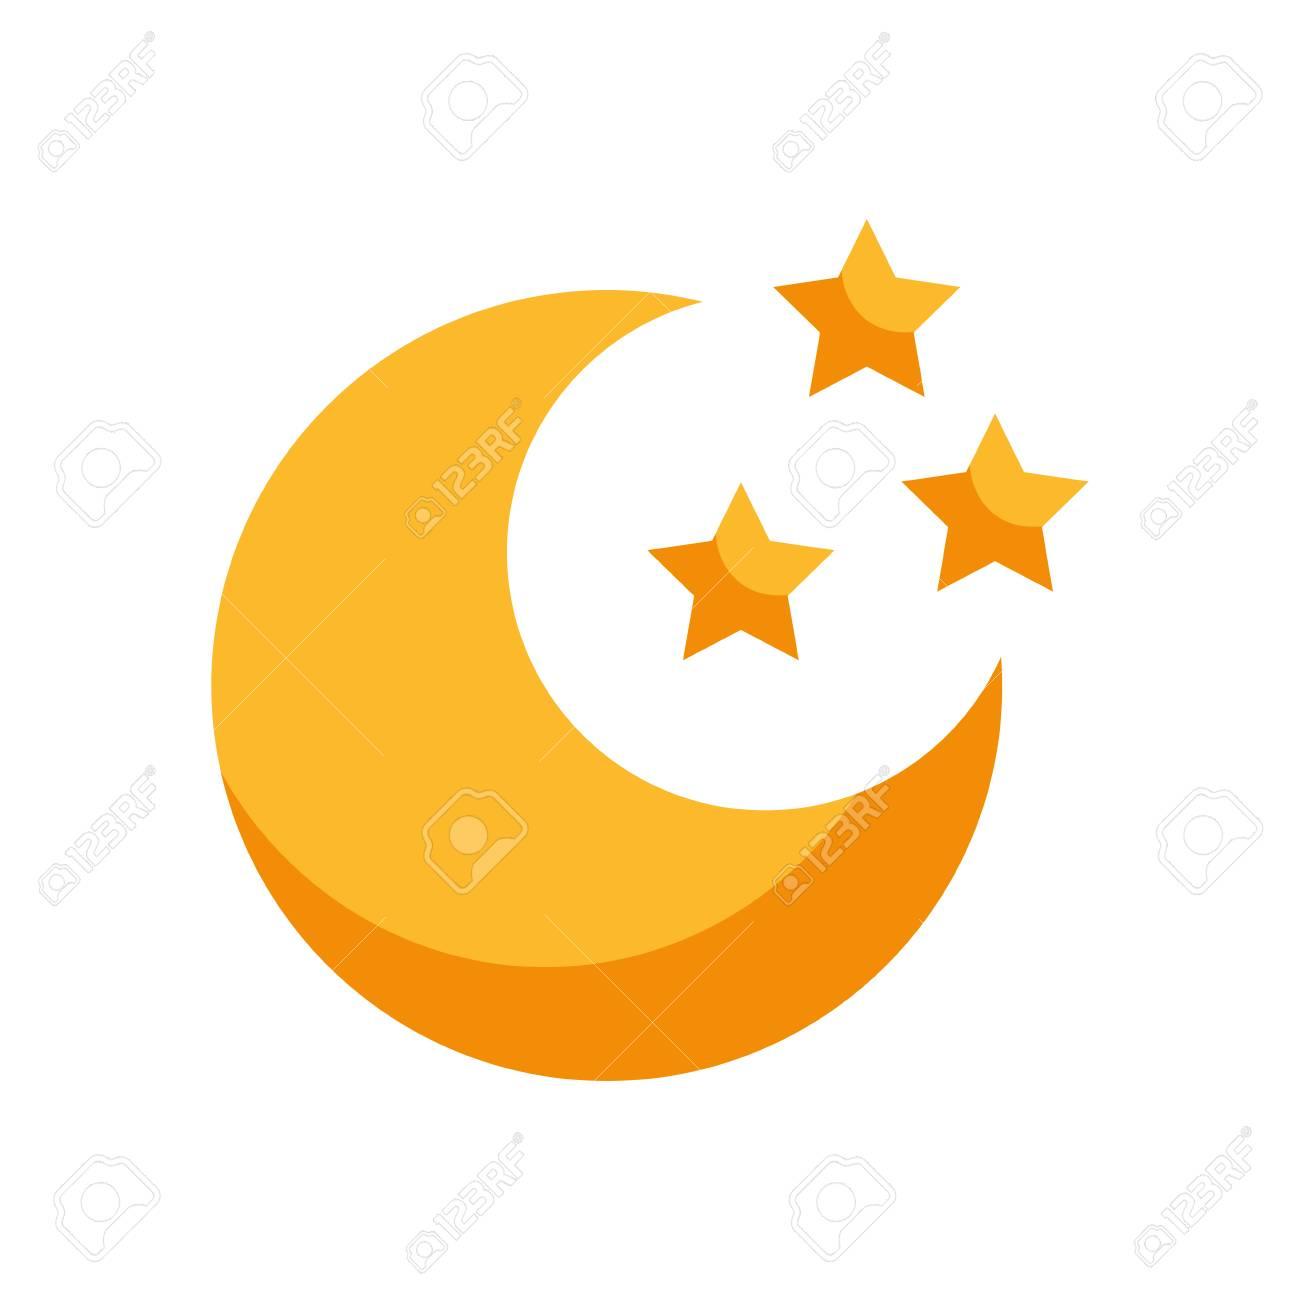 かわいい月星ベクトル イラスト デザインのイラスト素材ベクタ Image